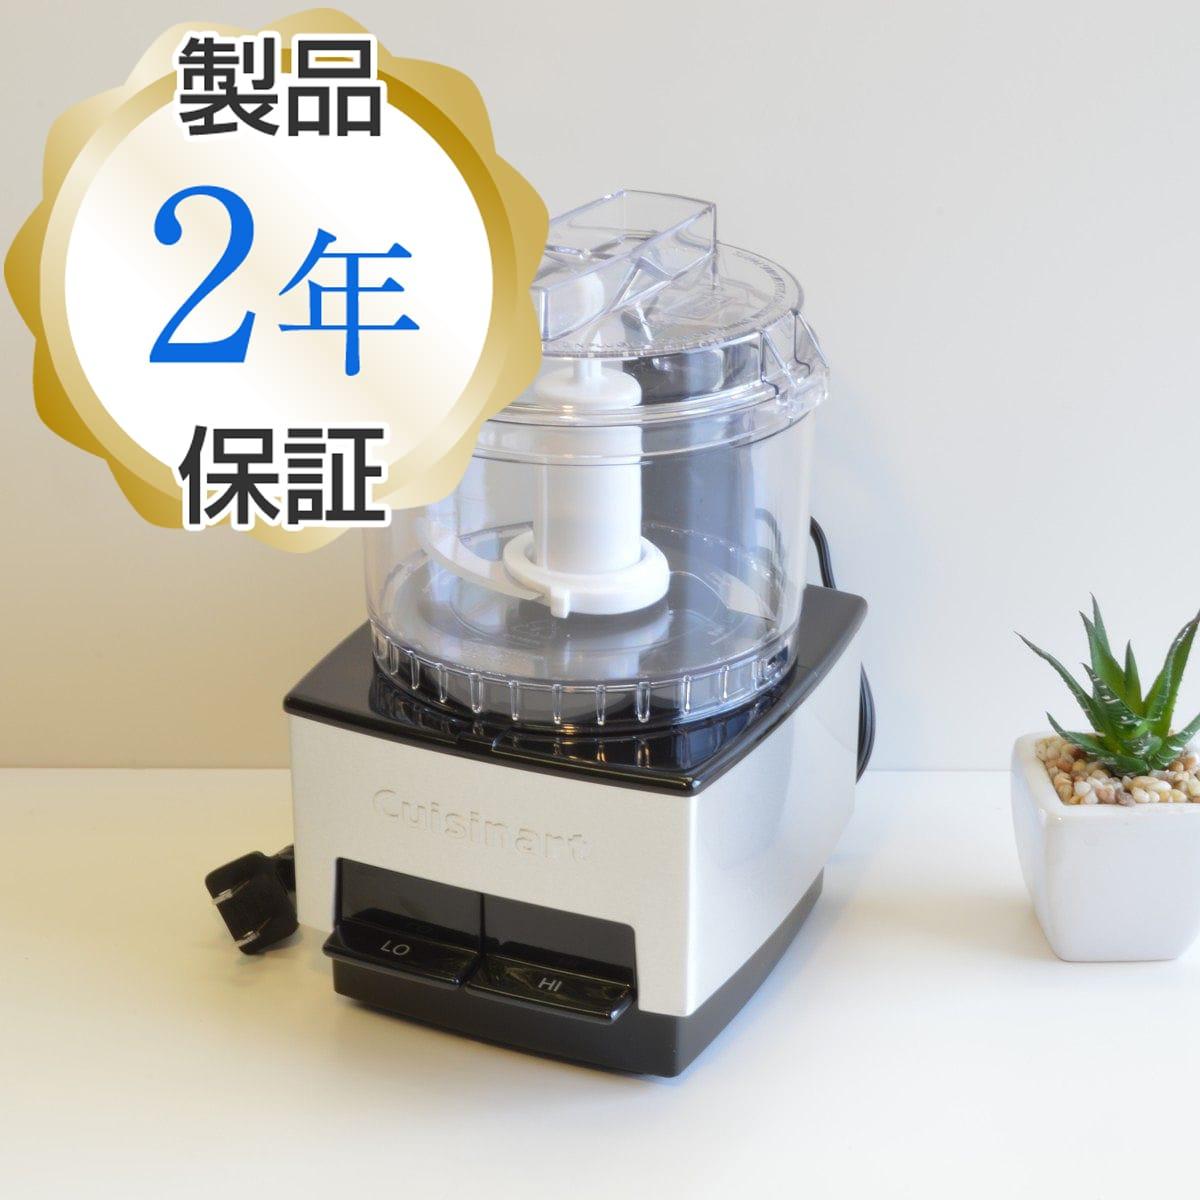 クイジナート ミニプレップフードプロセッサー 2カップ DLC-1Jシリーズのアメリカ版 つやなしクロム Cuisinart DLC-1SS Mini-Prep Food Processors Brushed Stainless 家電